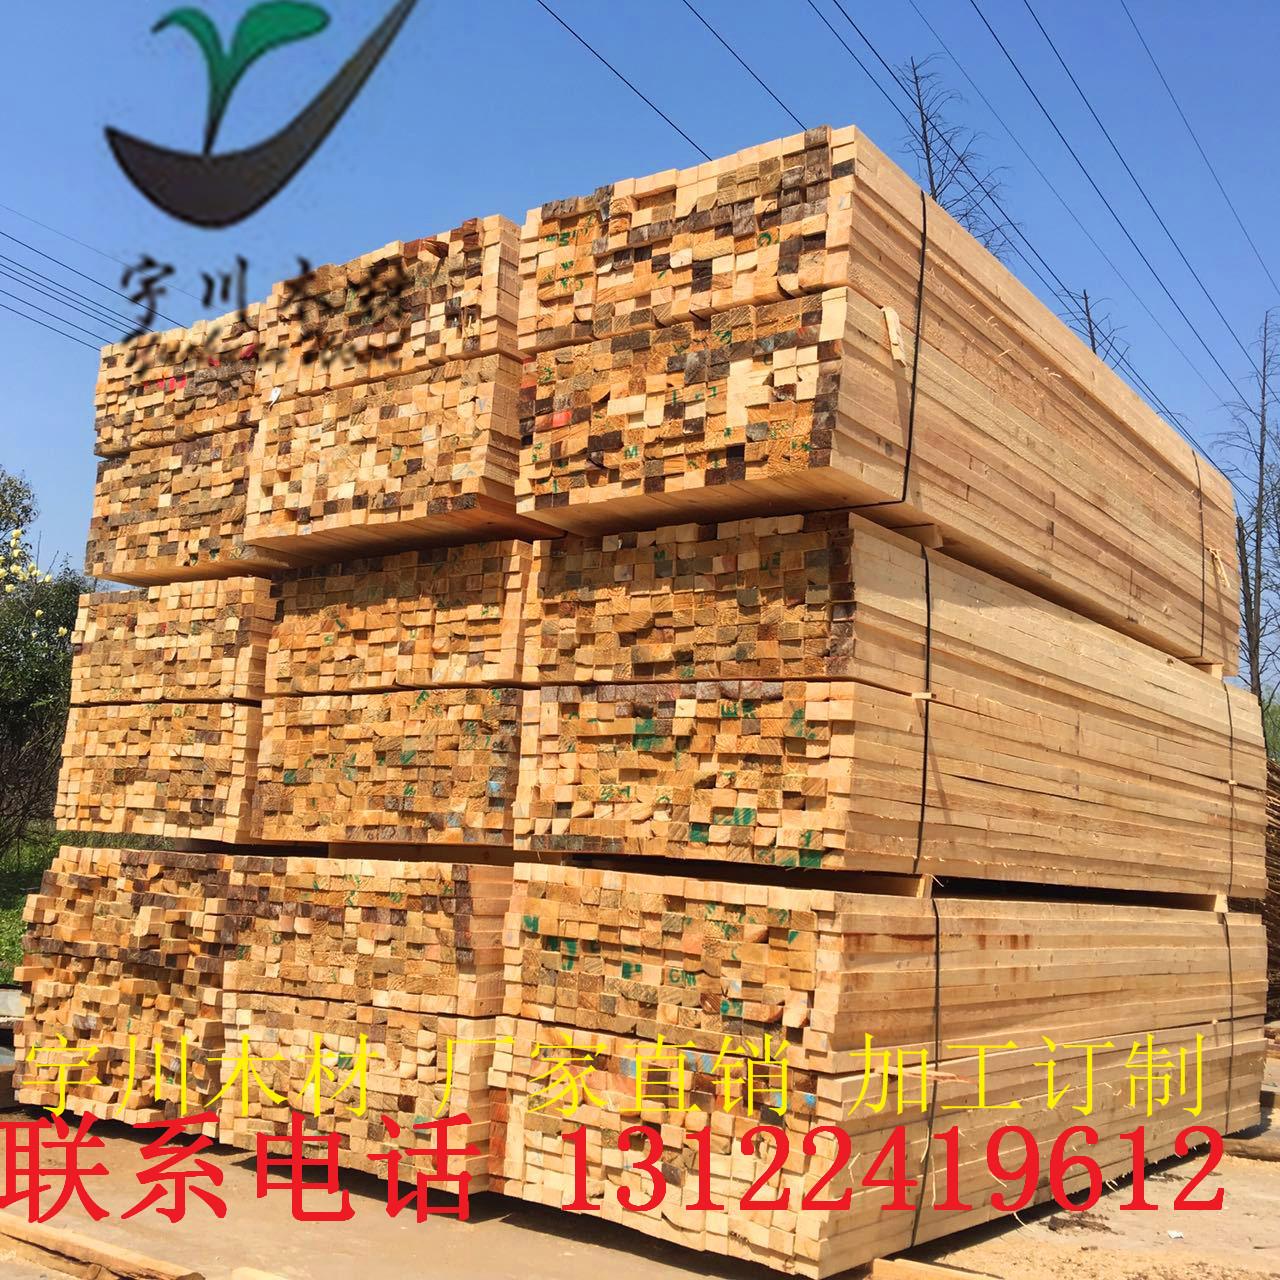 厂家直销实木板方花旗松辐射松铁杉落叶松樟子松松木方